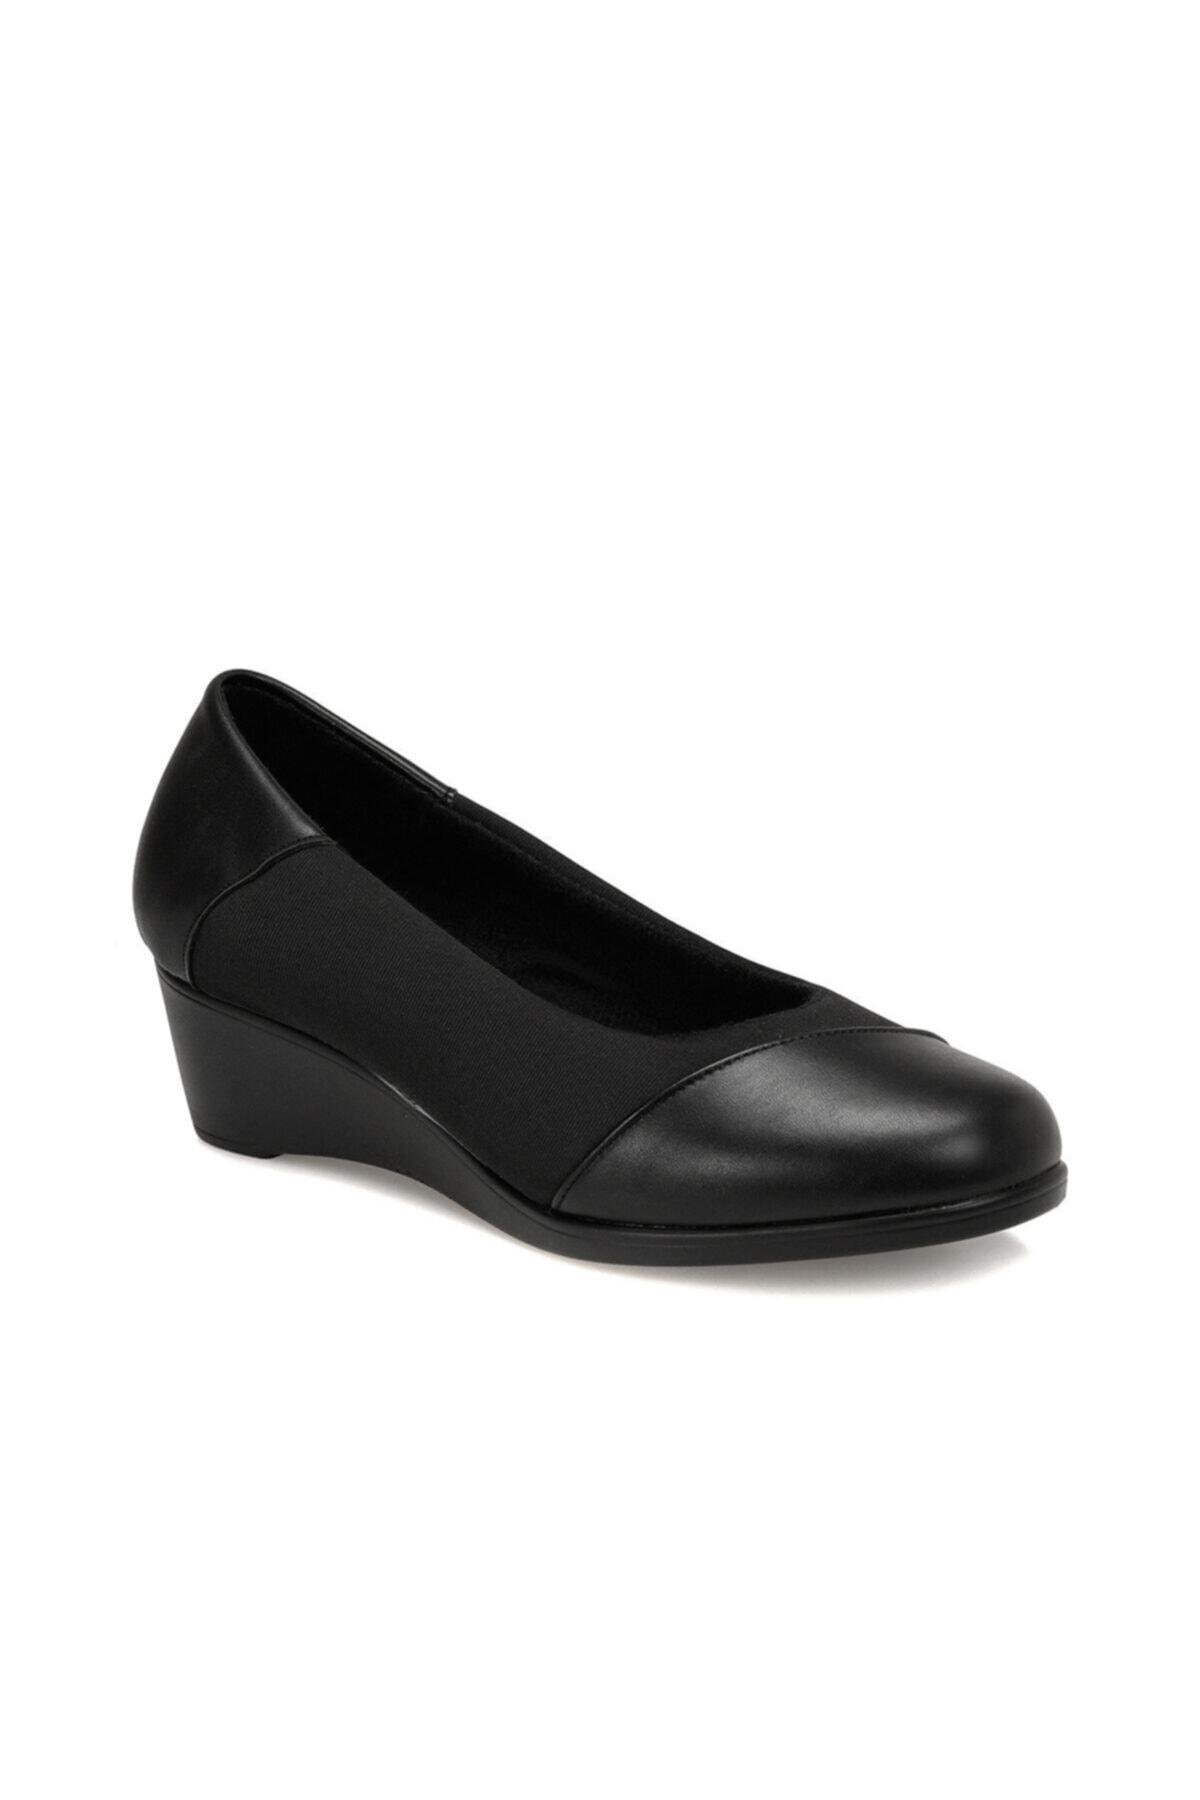 Polaris 161389.Z Siyah Kadın Comfort Ayakkabı 100548490 1